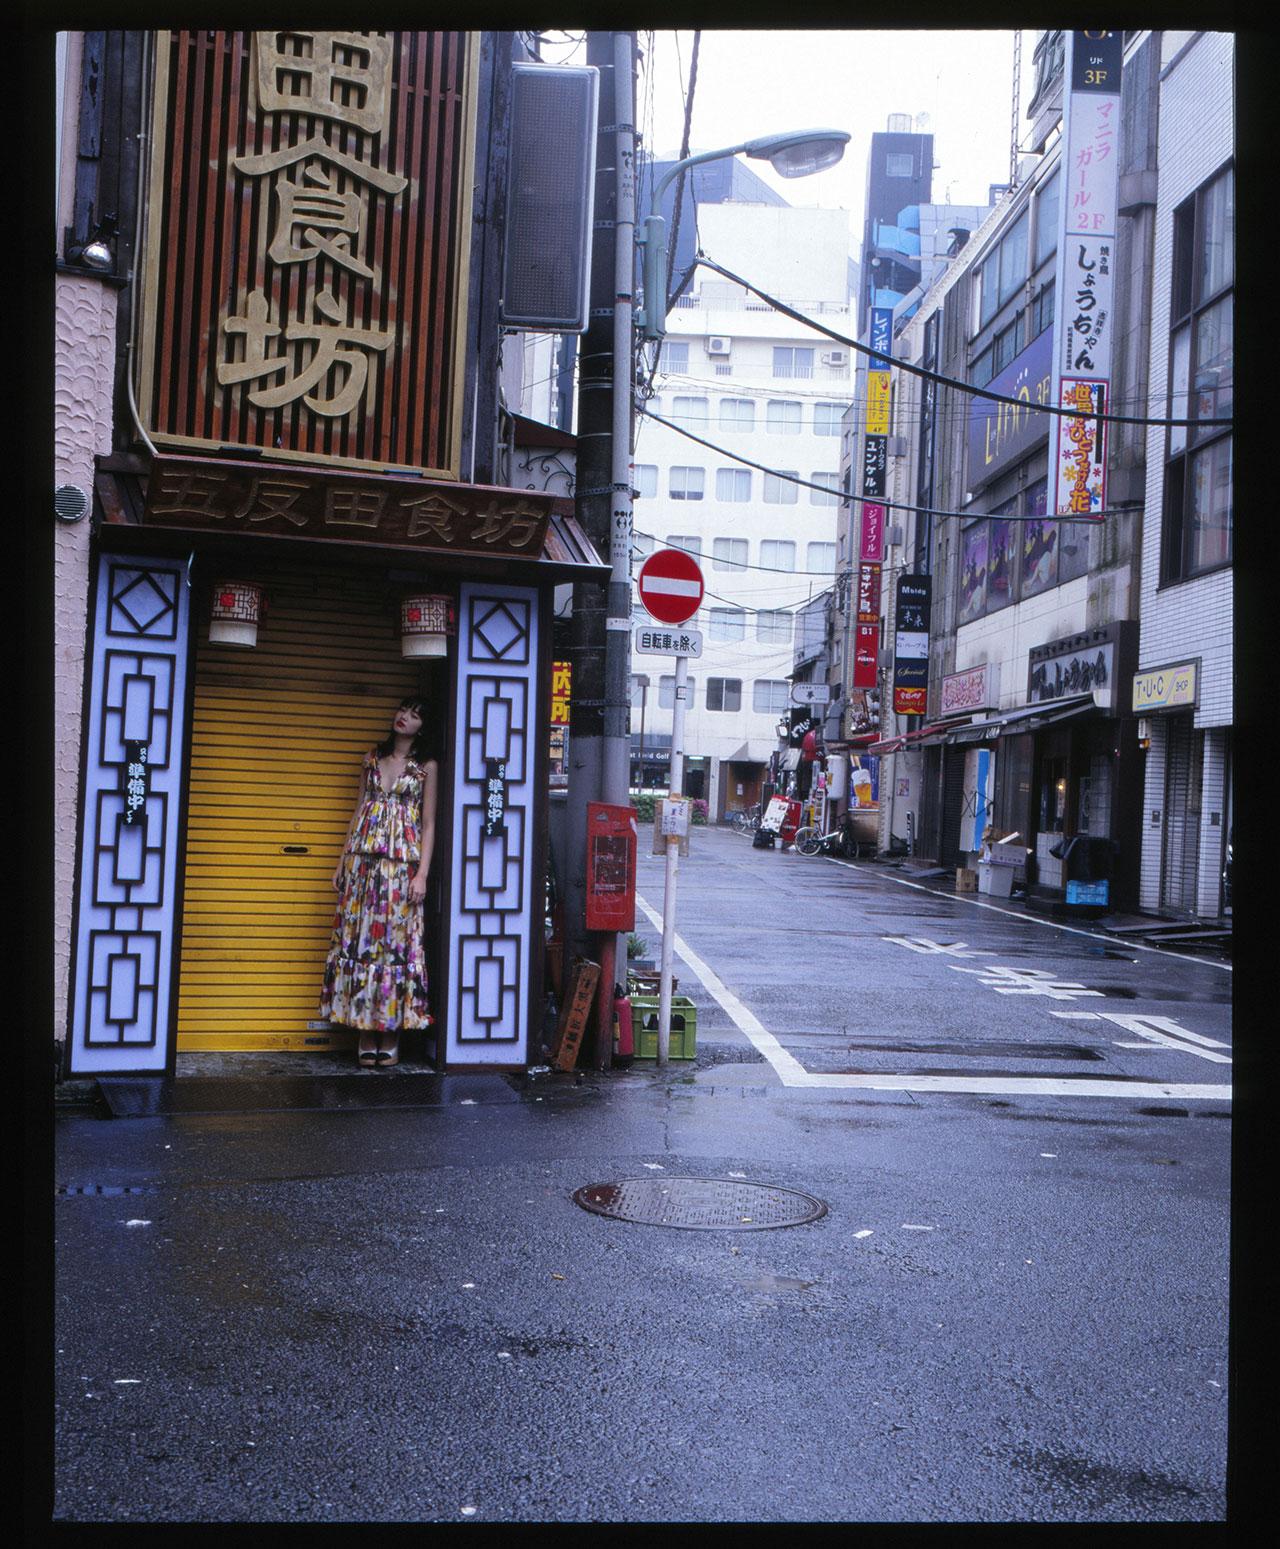 ©Chikashi Suzuki, Courtesy of KOSAKU KANECHIKA